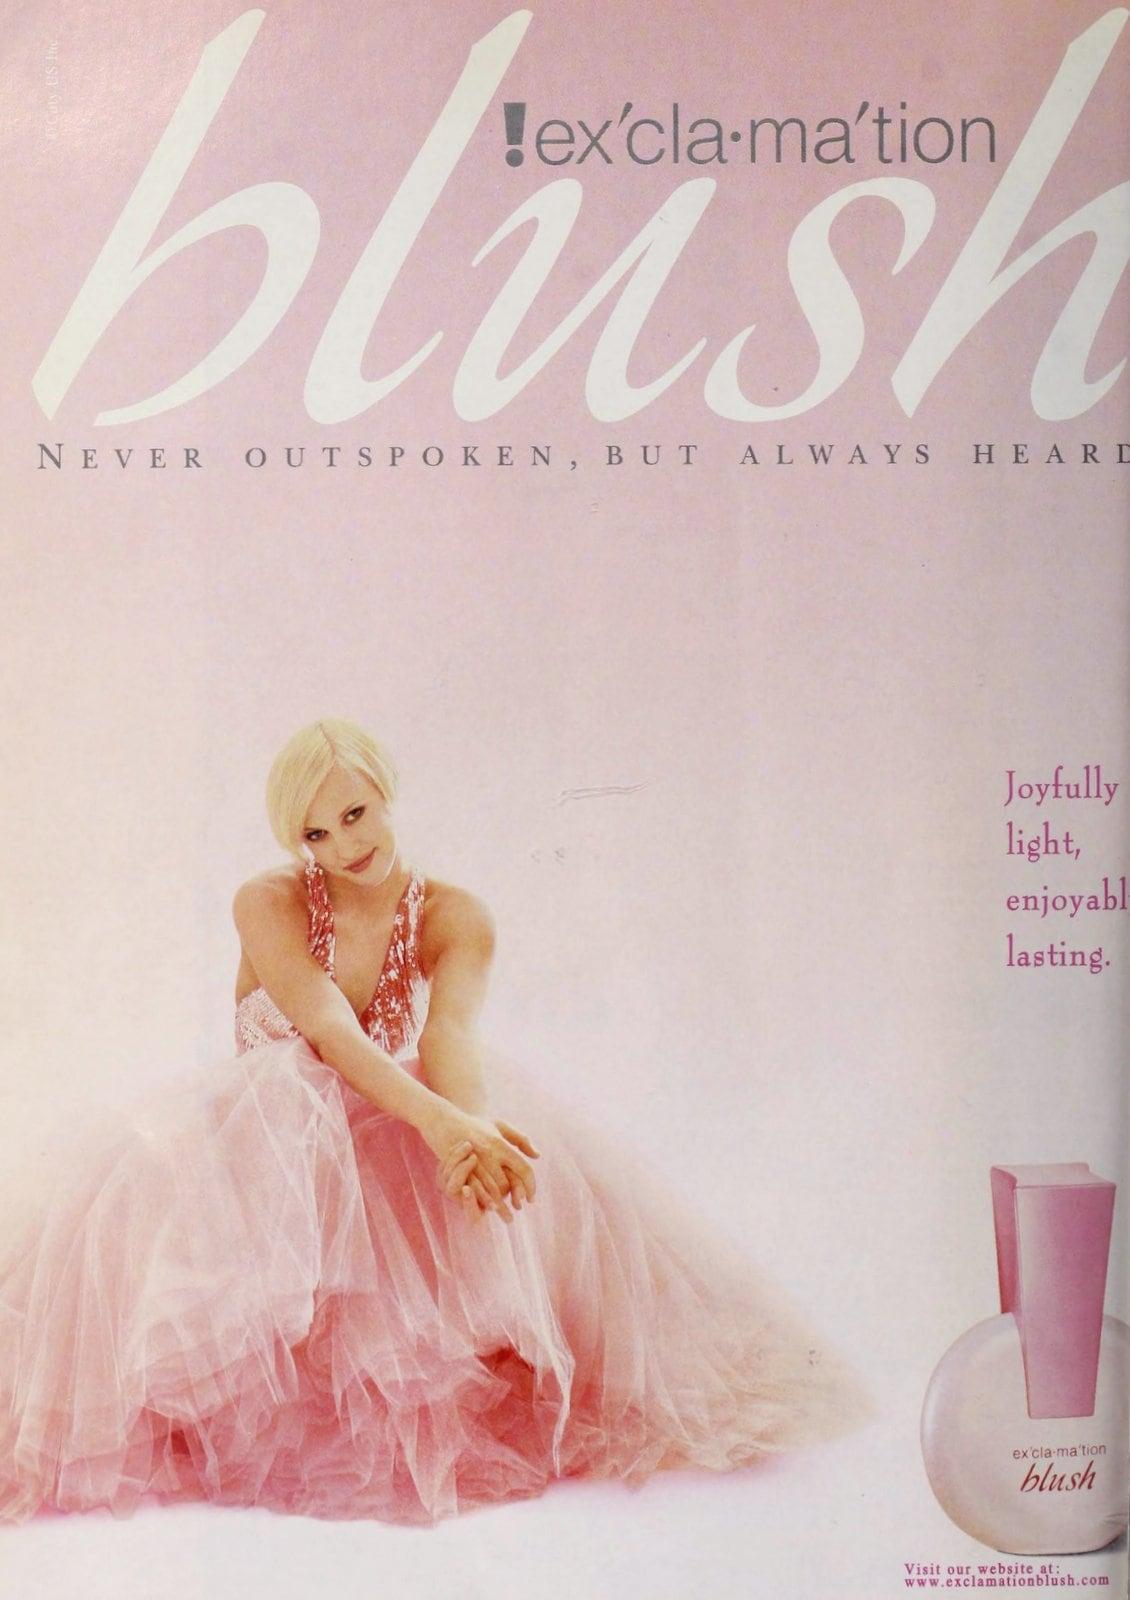 Exclamation Blush perfume (1998) at ClickAmericana.com